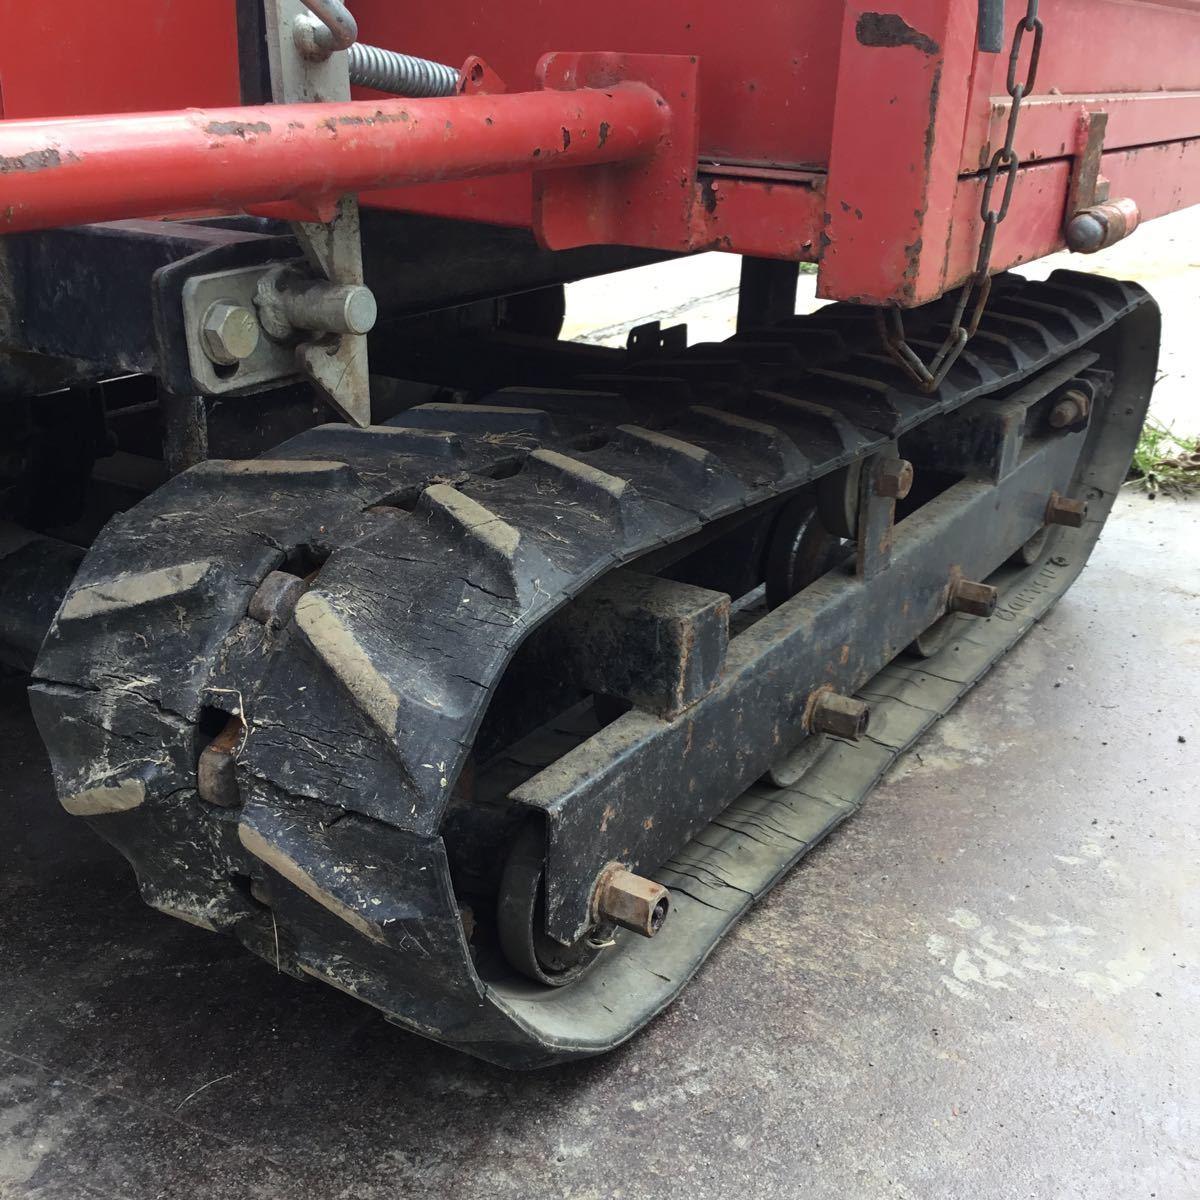 サンワ車輌 ミニクロ M1000 運搬車 最大積載量400キロ クボタガソリンエンジン 動作確認済み クローラ難有り 格安_画像7